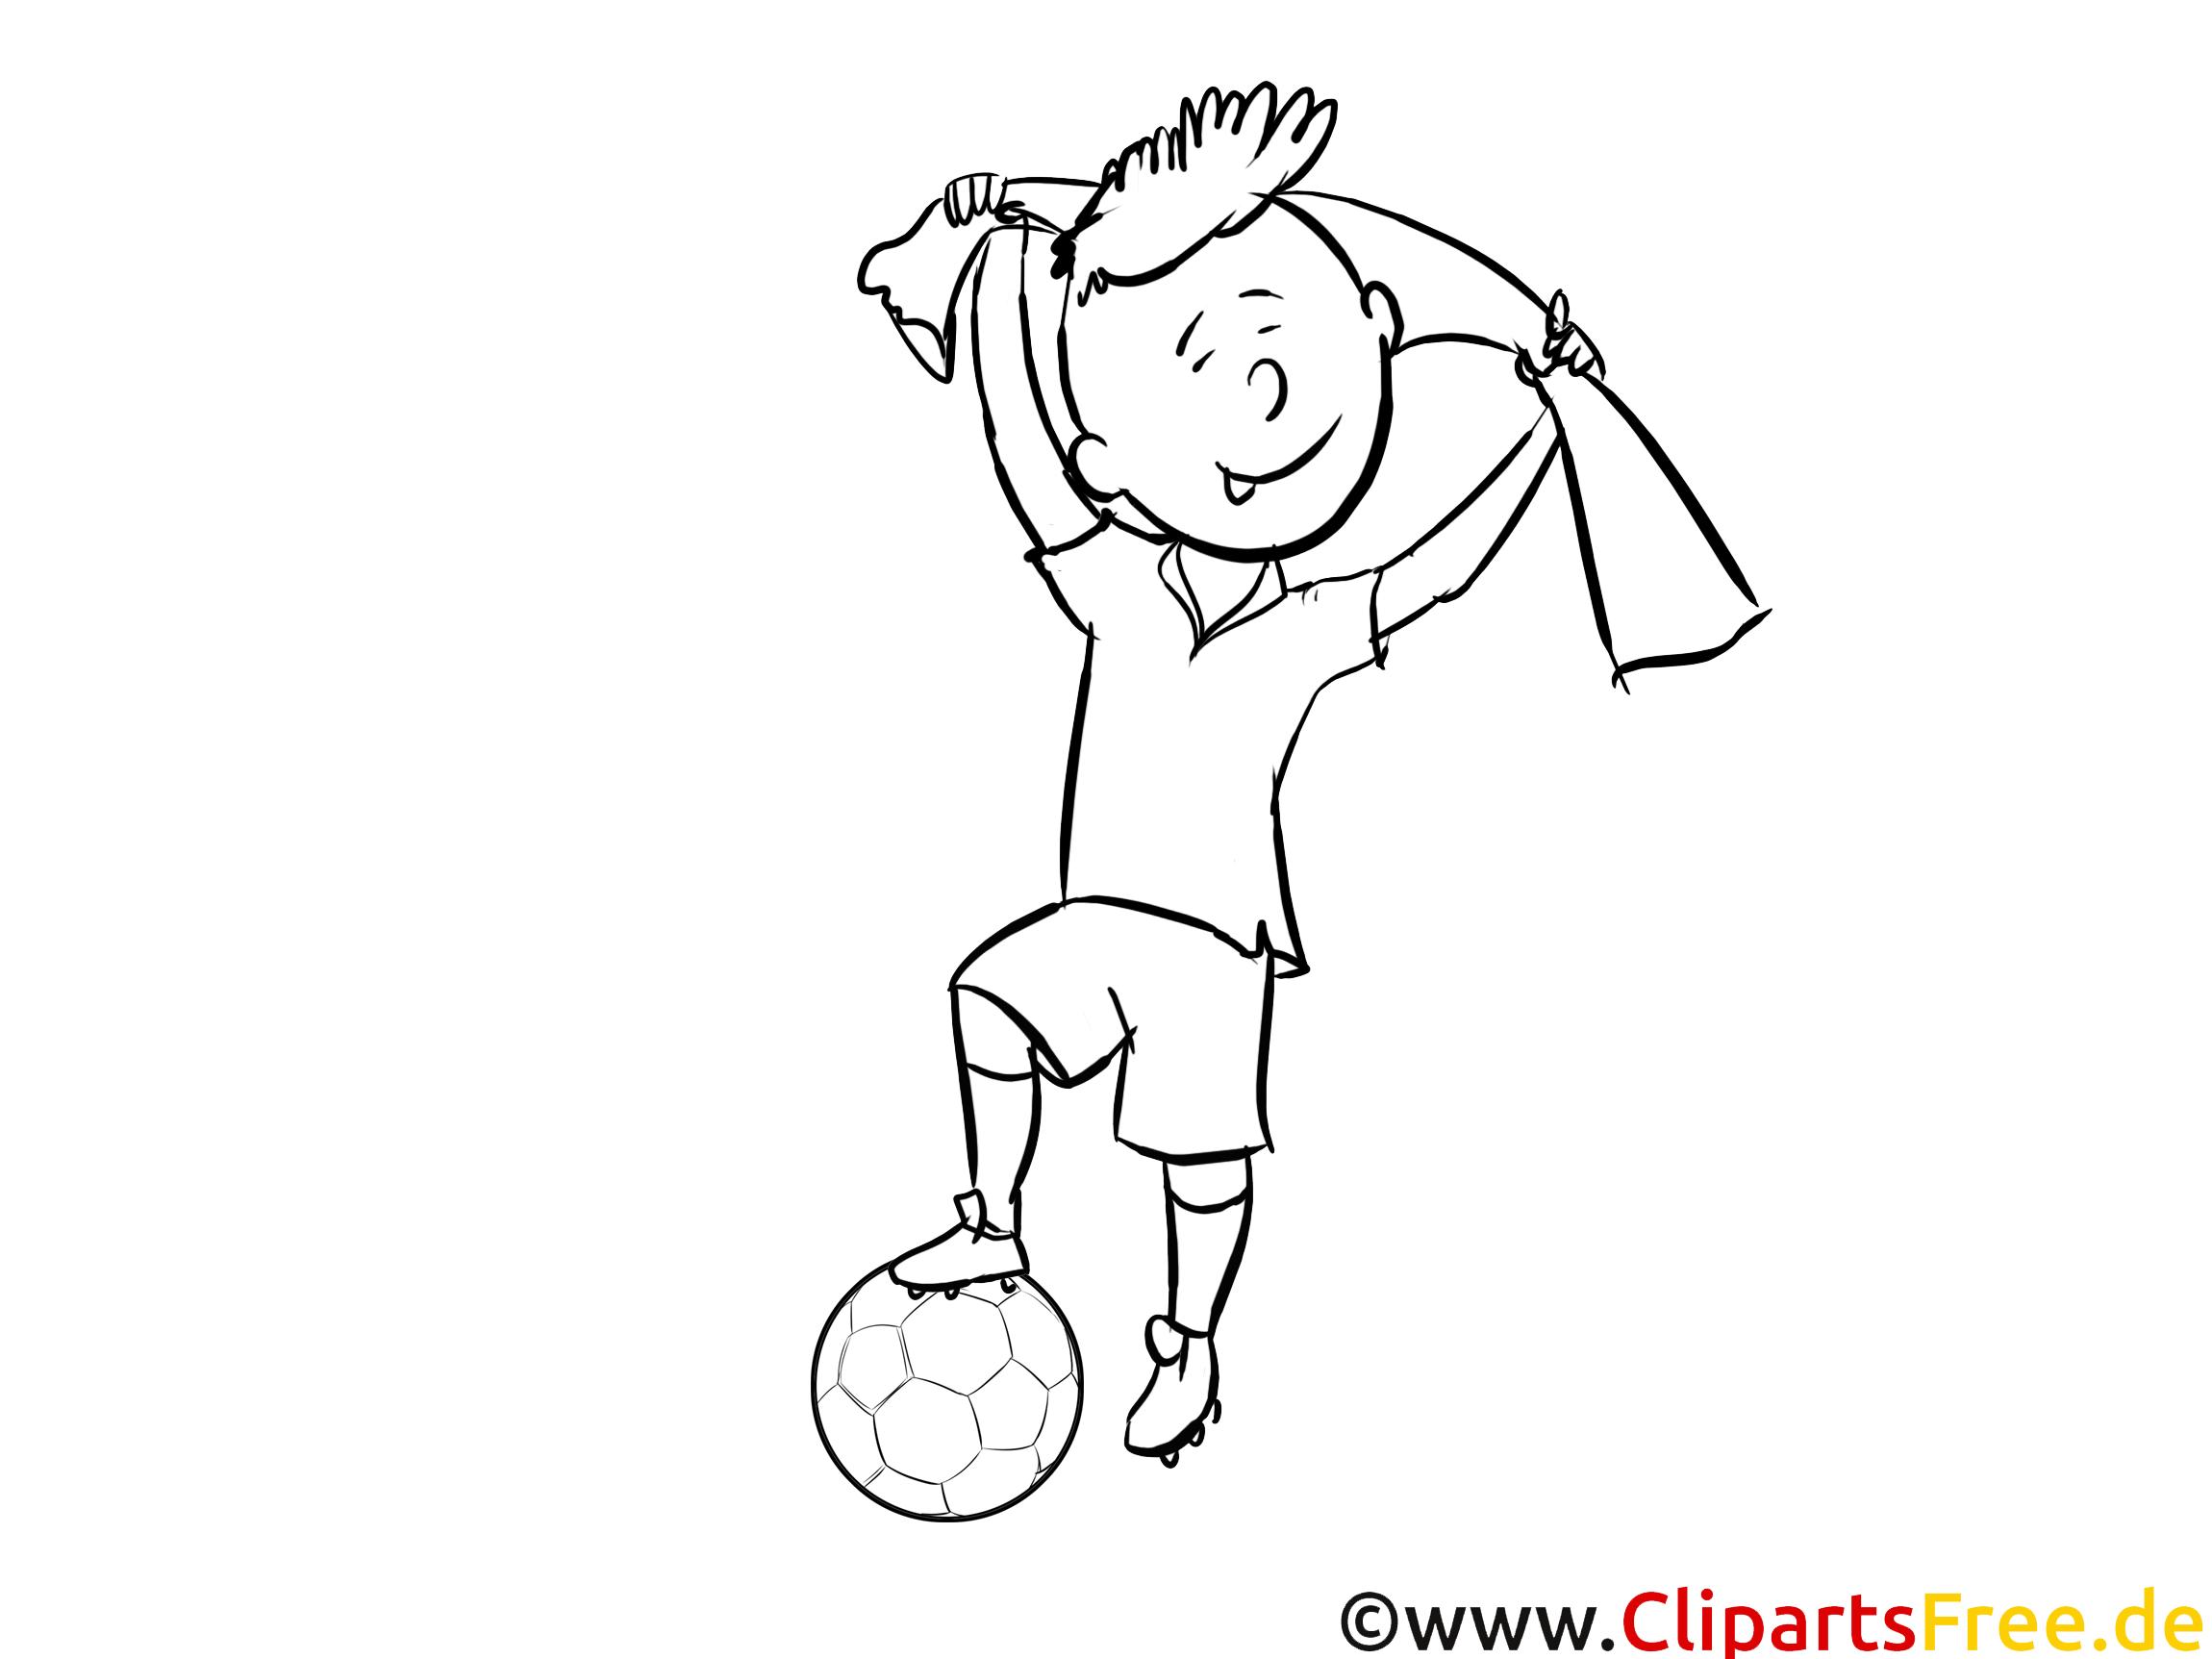 gewinner fußball ausmalbilder und malvorlagen zum ausmalen